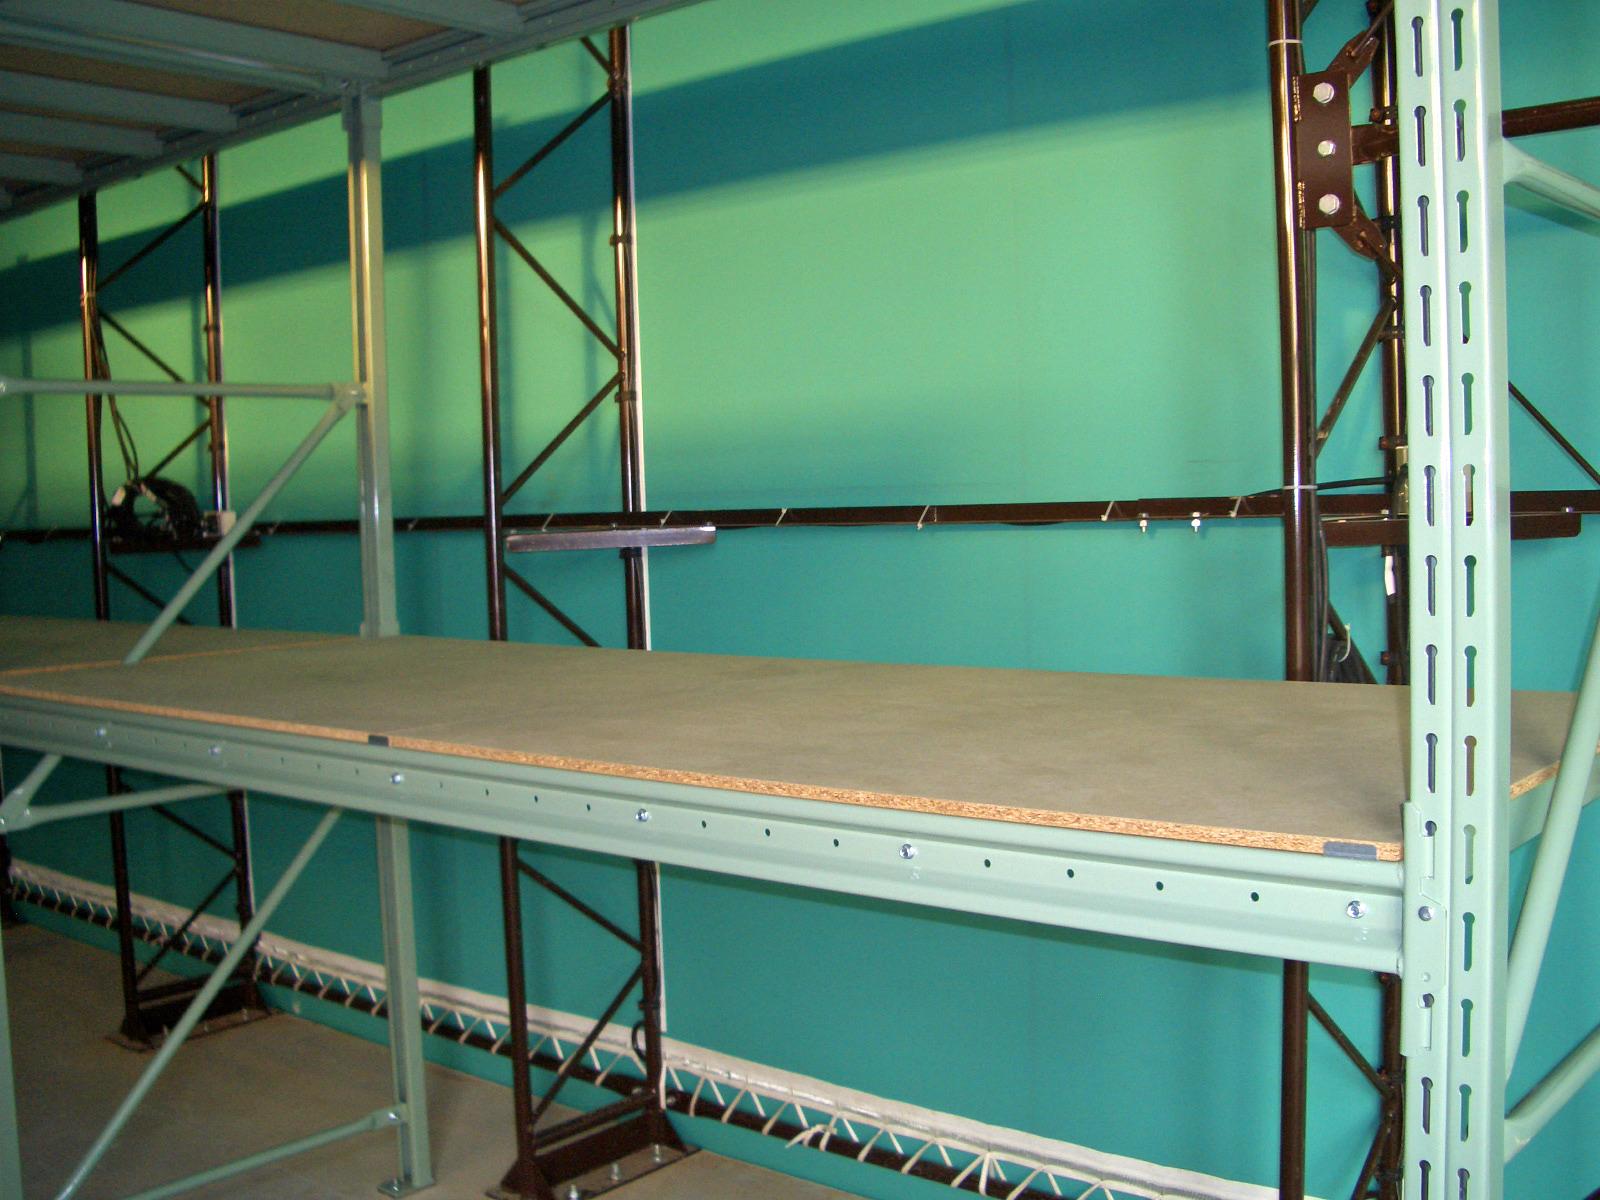 パレットラック(棚板パーチクルボード仕様)